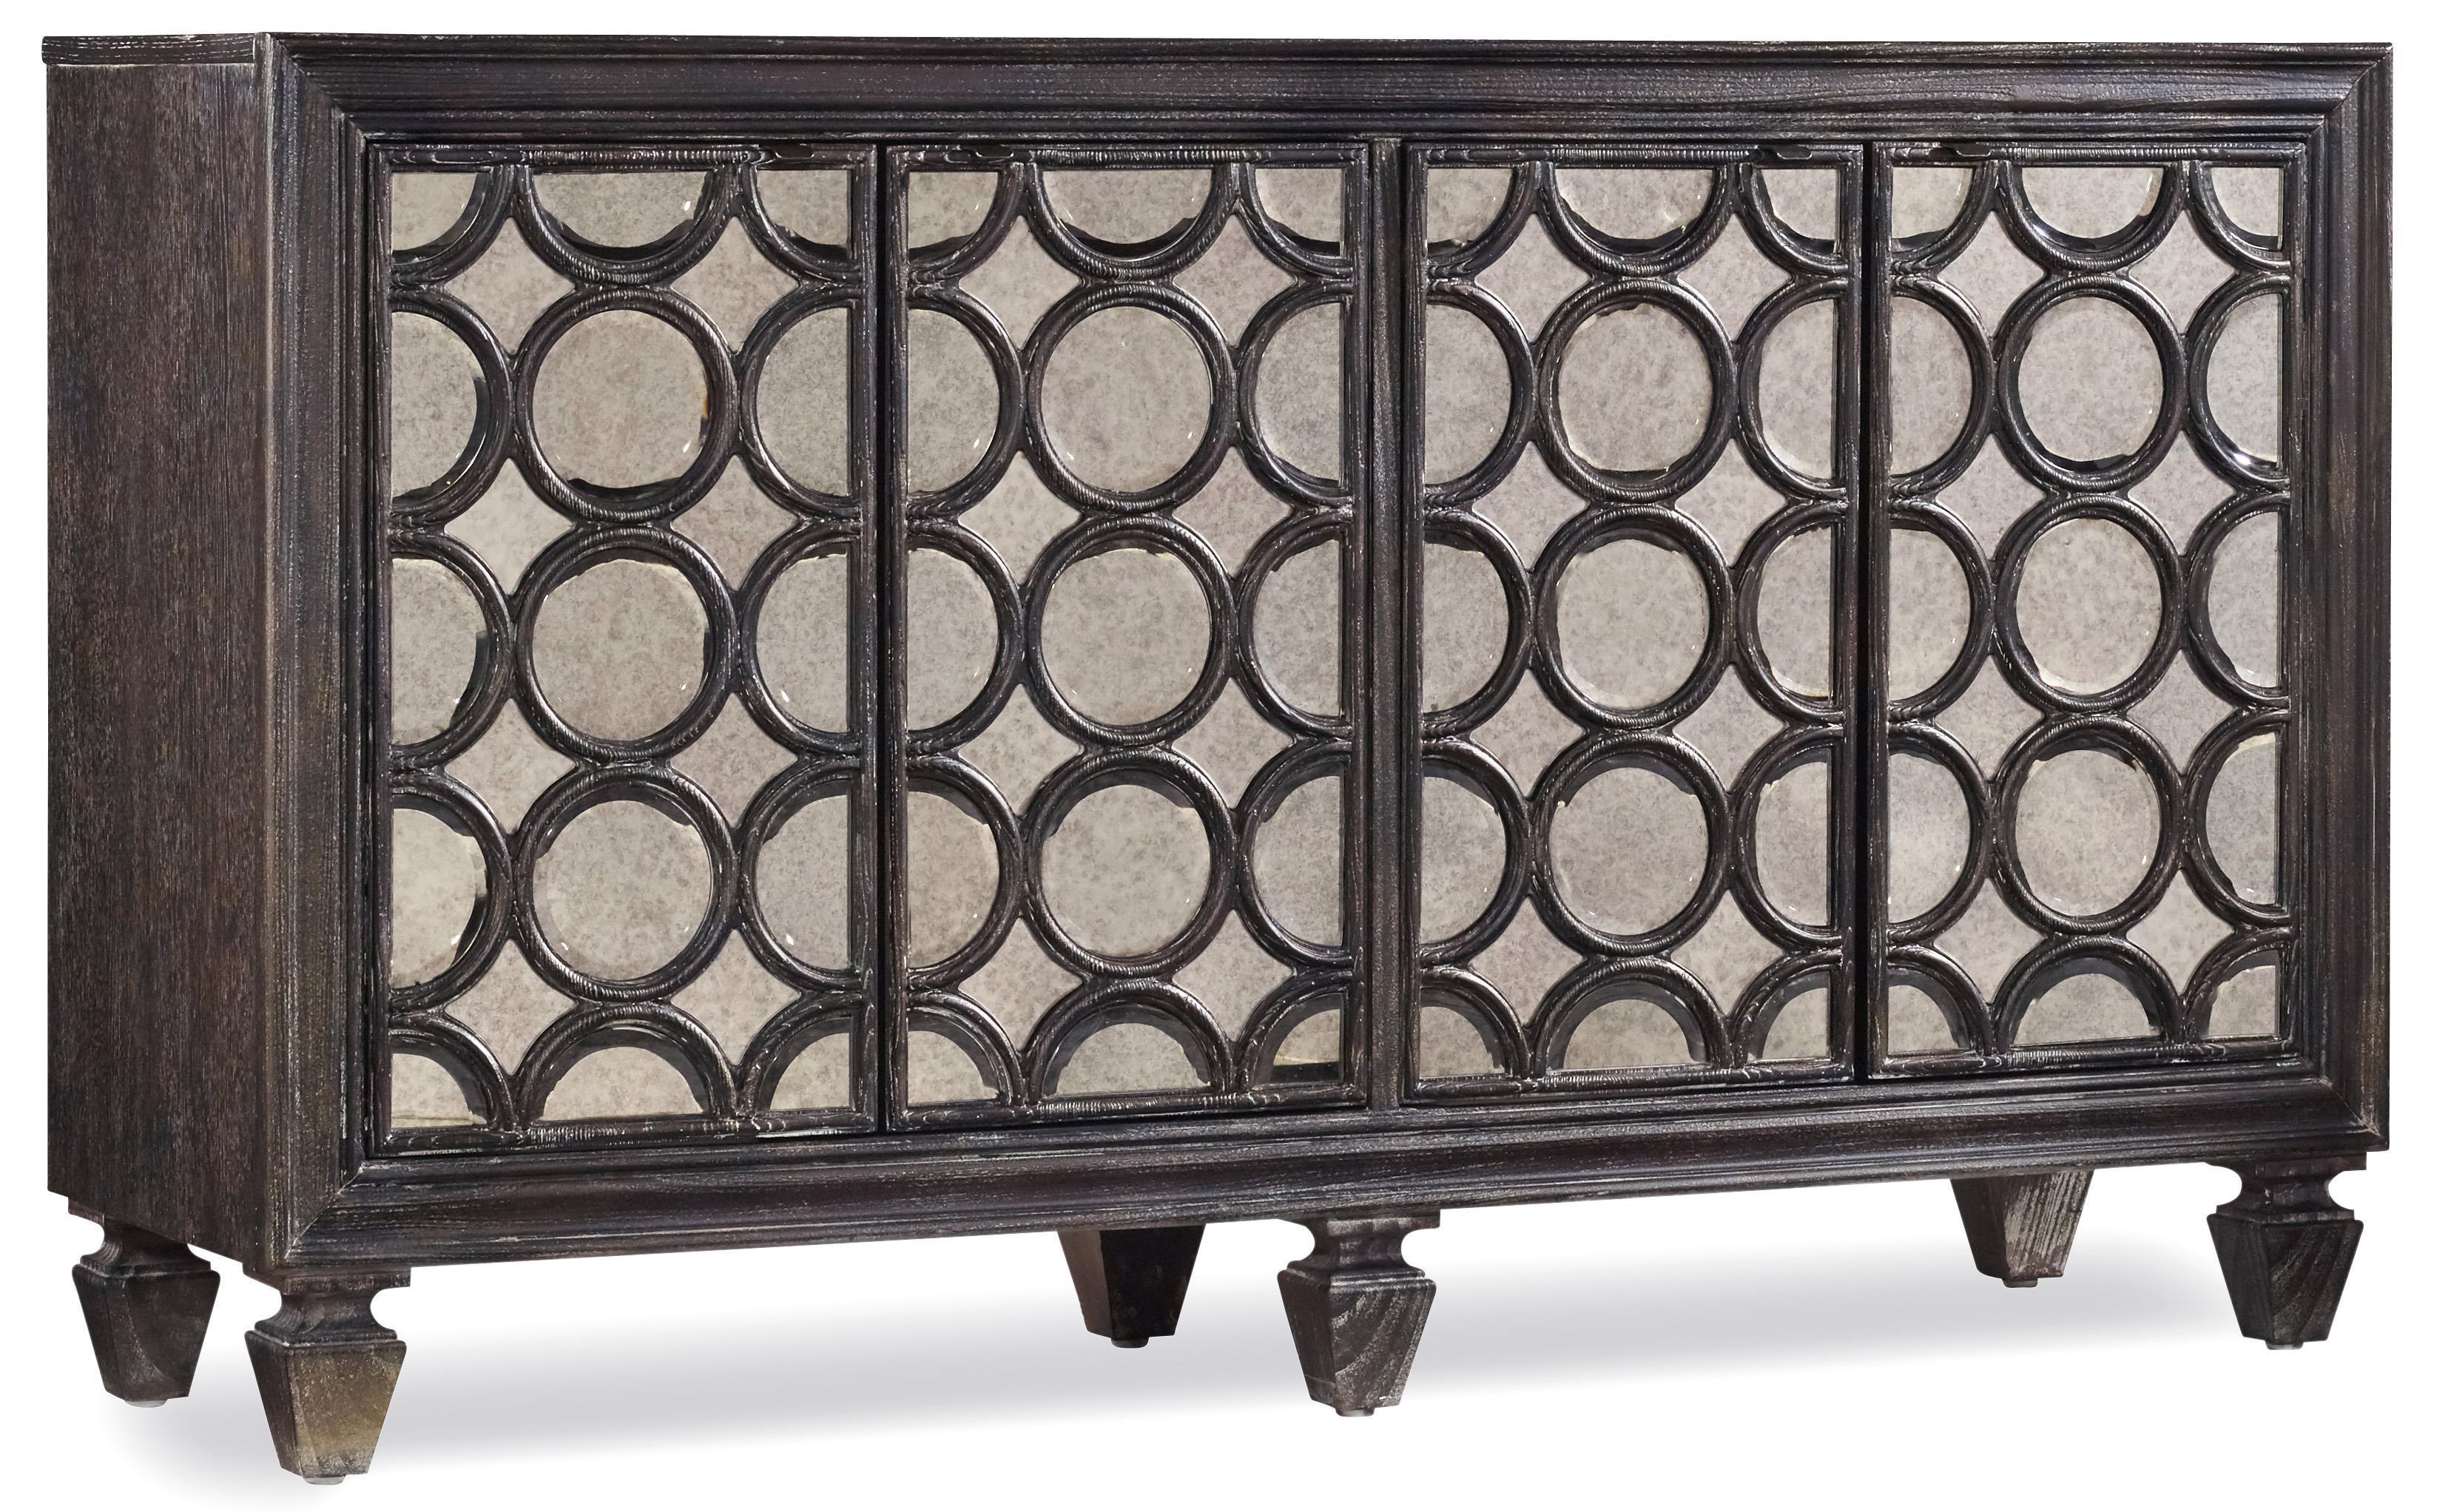 Hooker Furniture Mélange Declan Credenza - Item Number: 638-85199